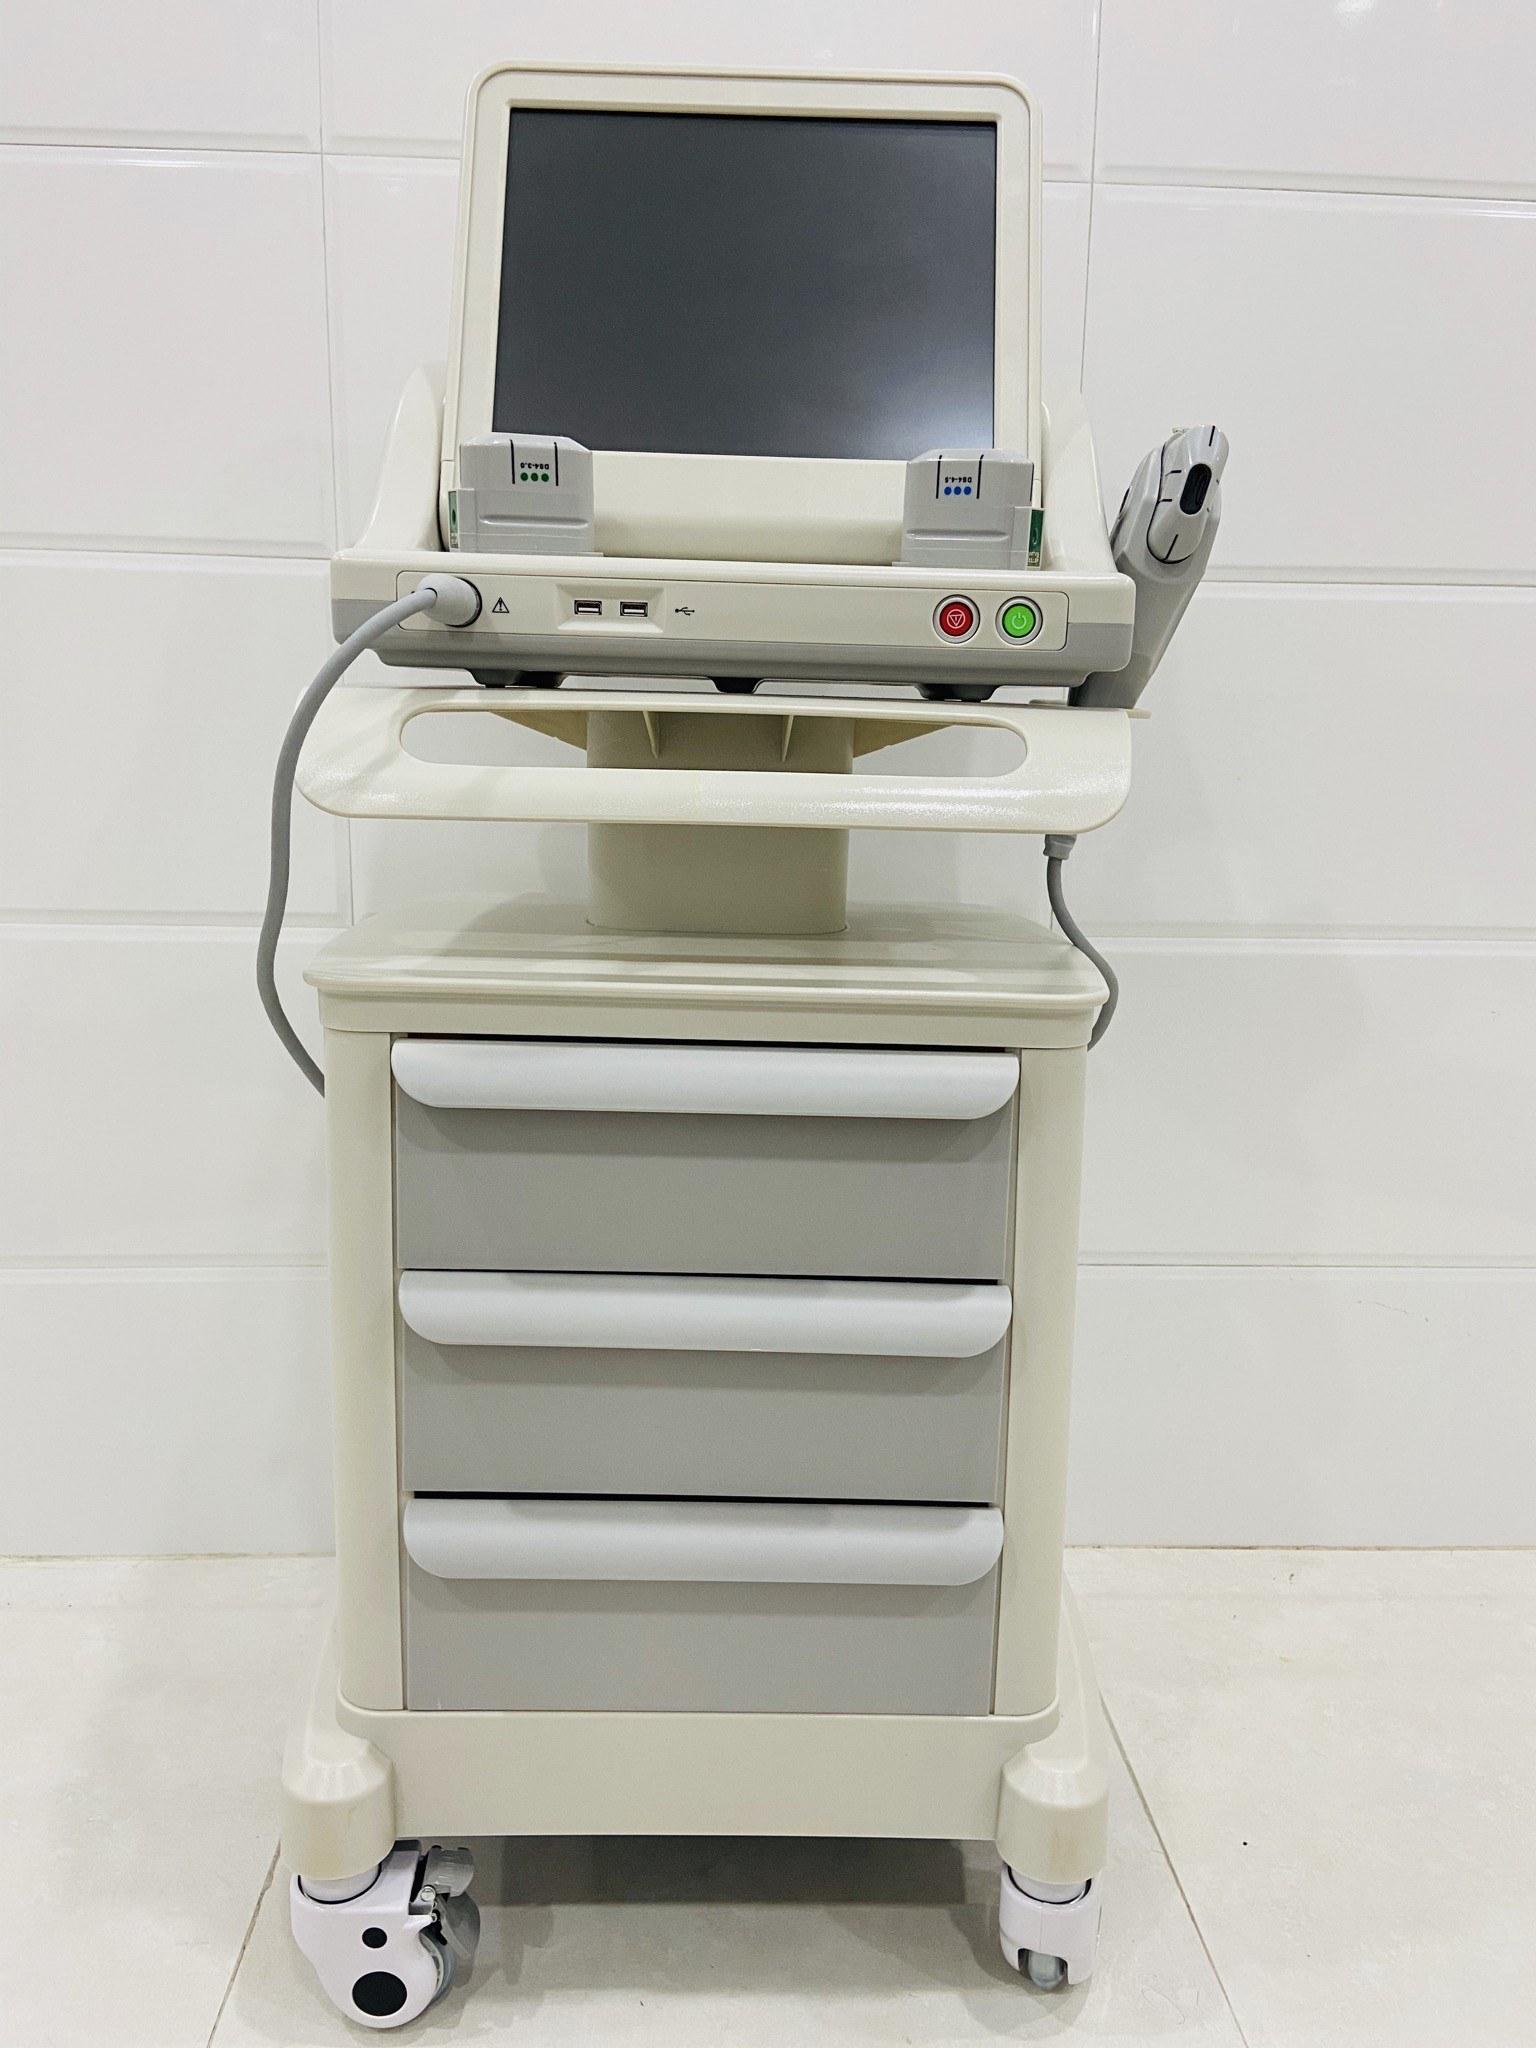 تصویر دستگاه هایفو اولترا لیفتینگ پوست صورت و بدن سه کاتریج